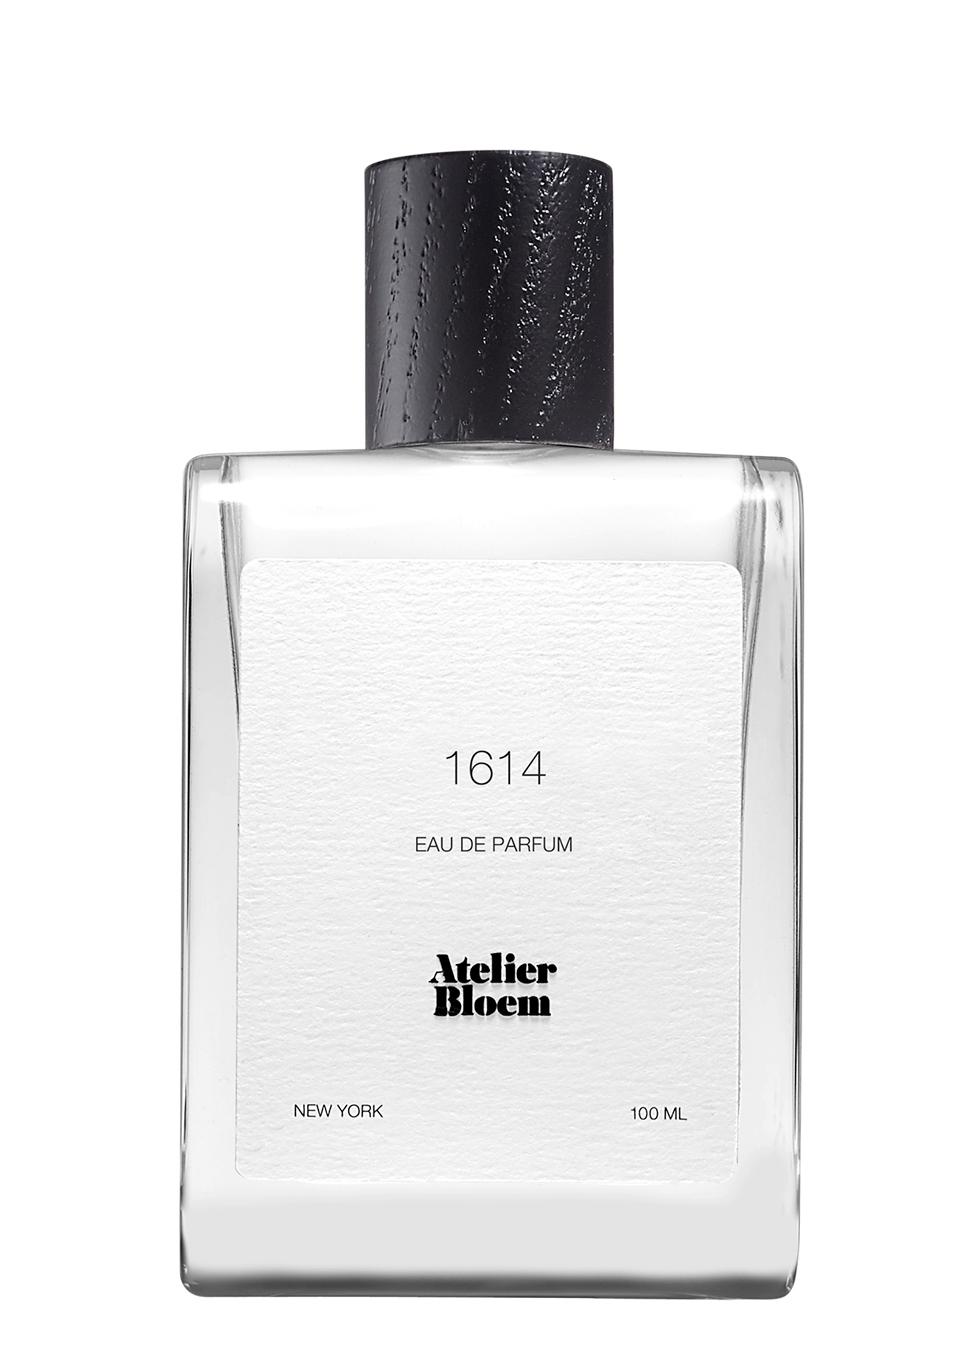 1614 Eau De Parfum 100ml - ATELIER BLOEM